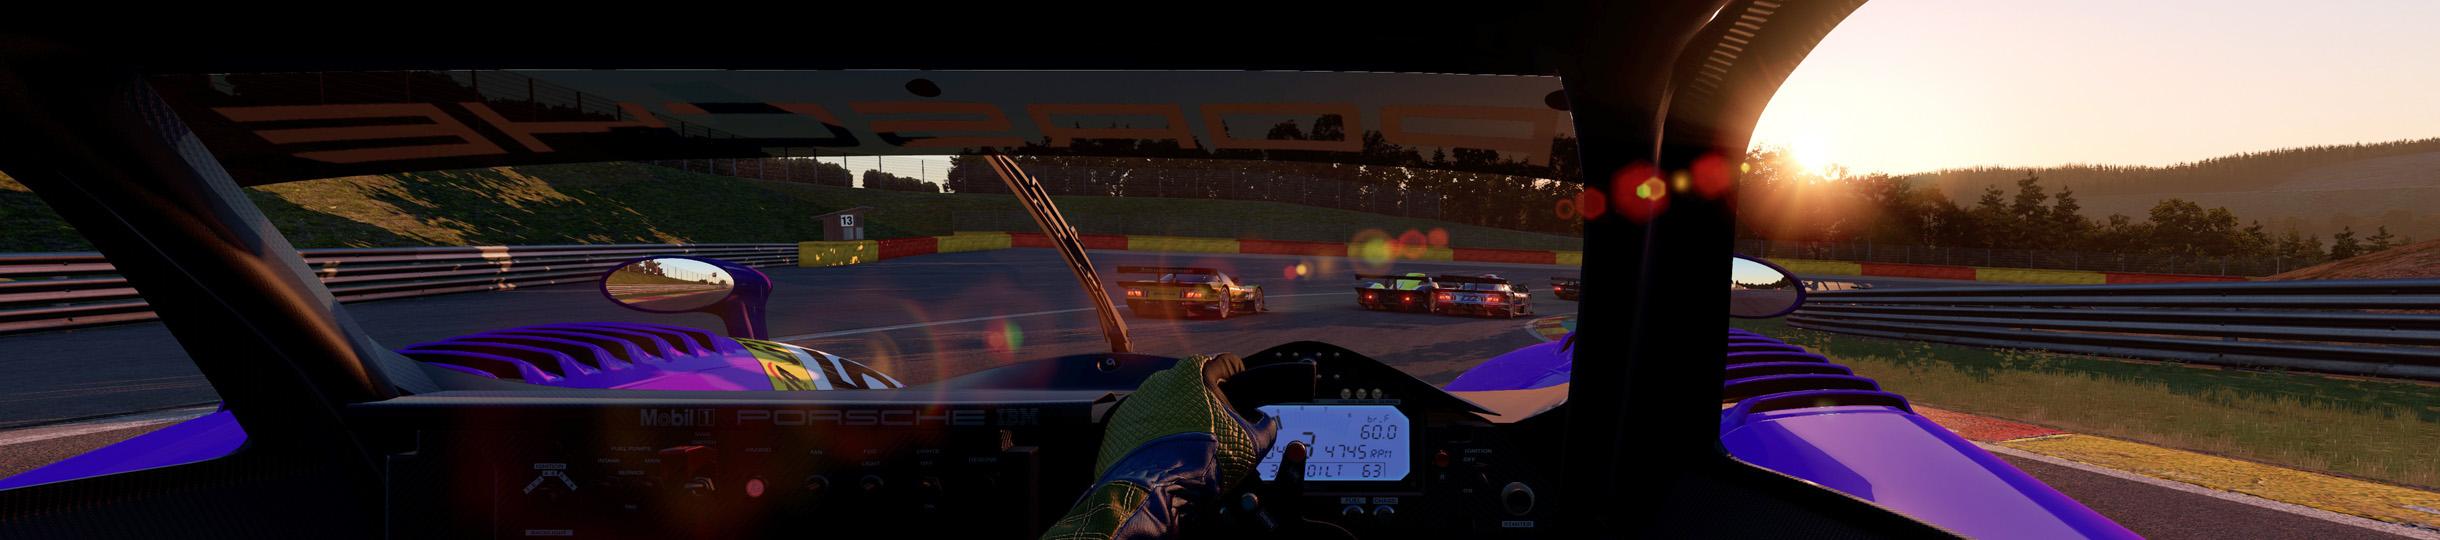 0 AMS2 PORSCHE GT1 Cockpit at SPA crop copy.jpg